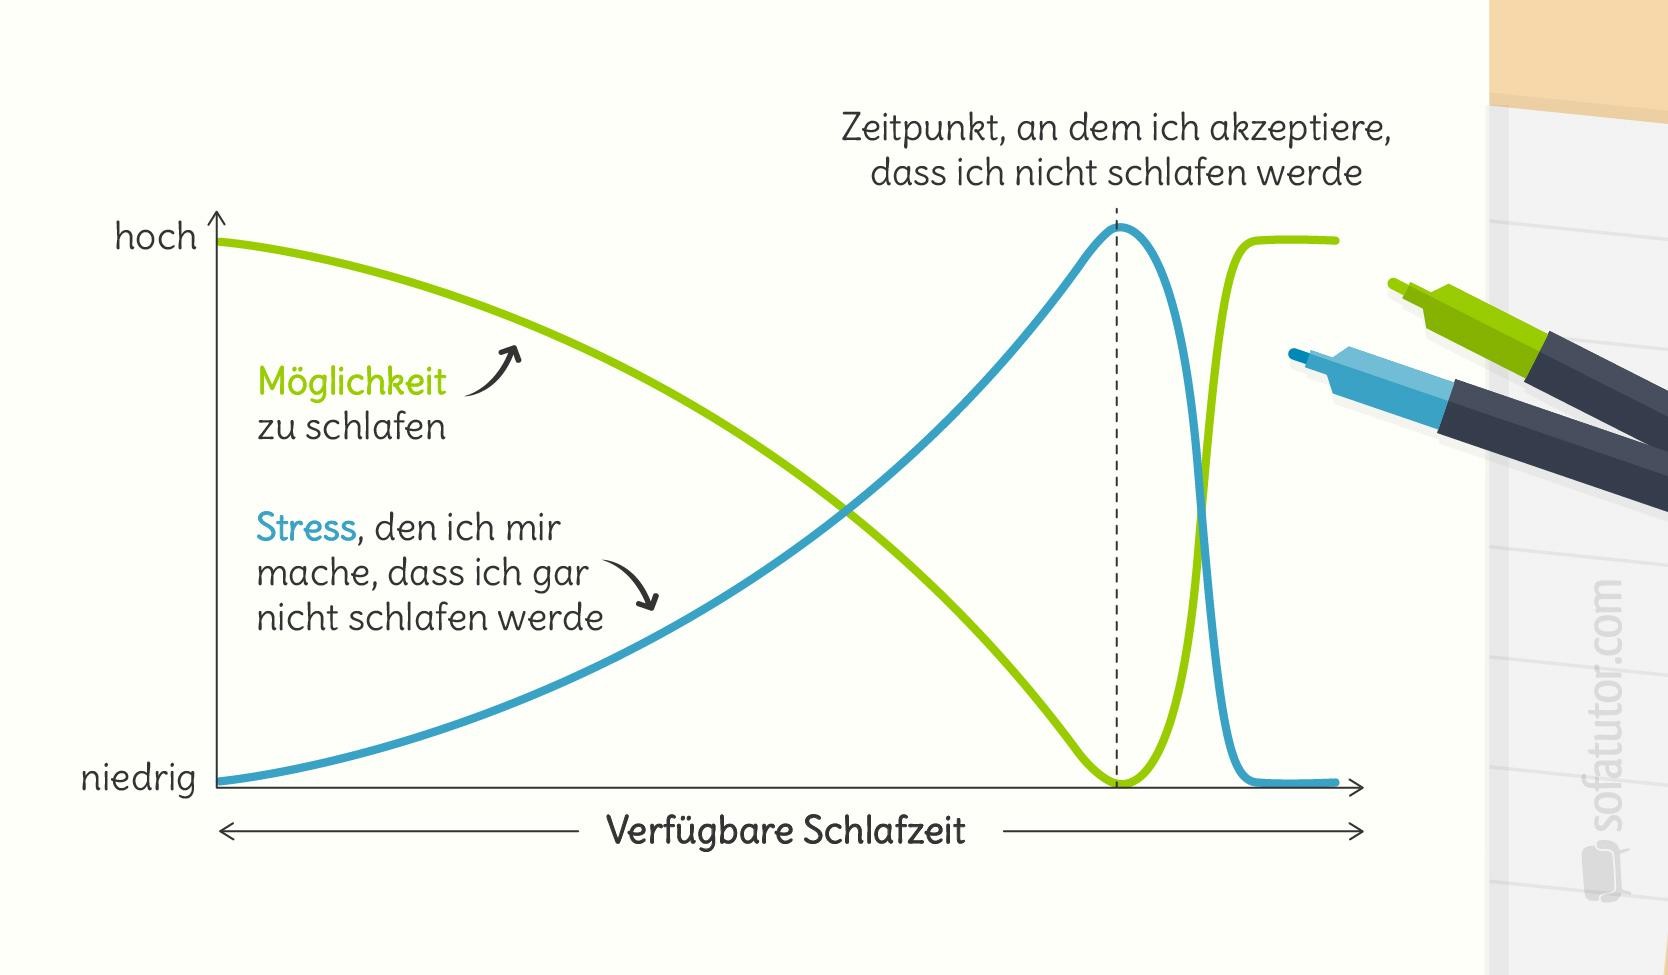 Mathe-Graphen-Alltag-Schlafen Schulzeit